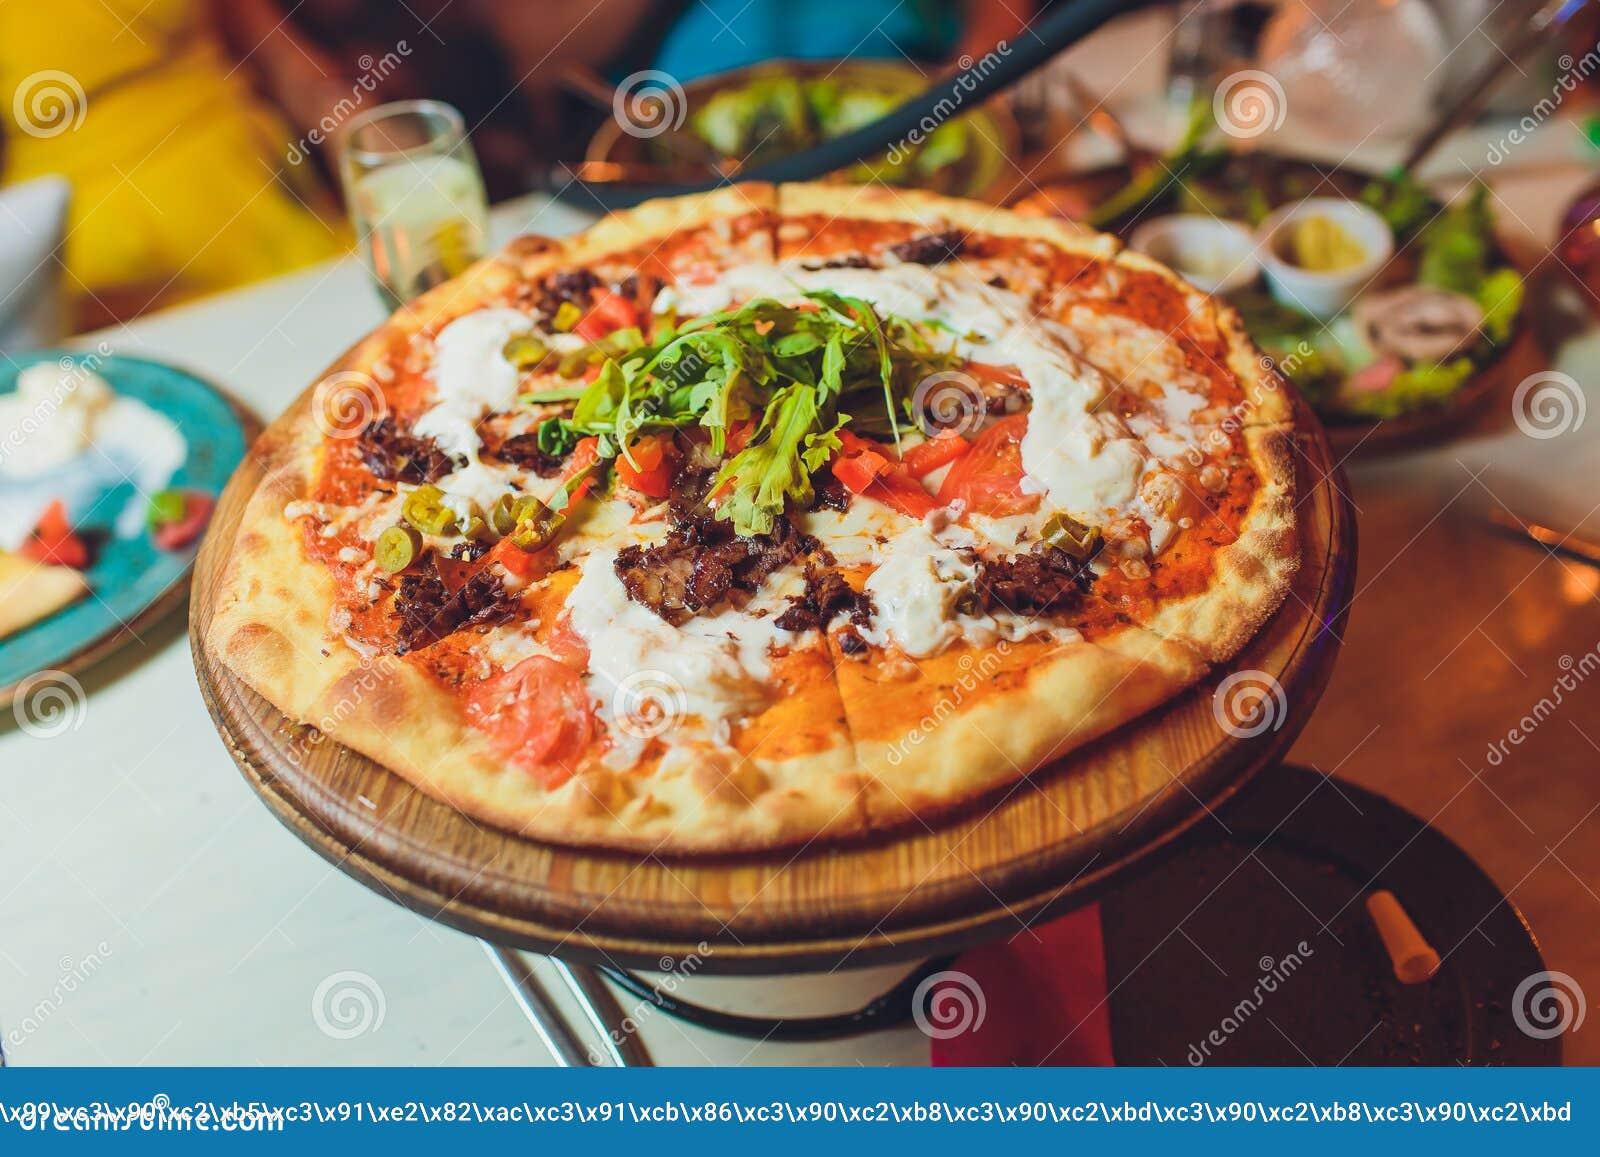 Φέτα της σάλτσας καλύμματος θαλασσινών κρουστών τυριών πιτσών με το εύγευστο νόστιμο γρήγορο φαγητό ιταλικά λαχανικών πιπεριών κο